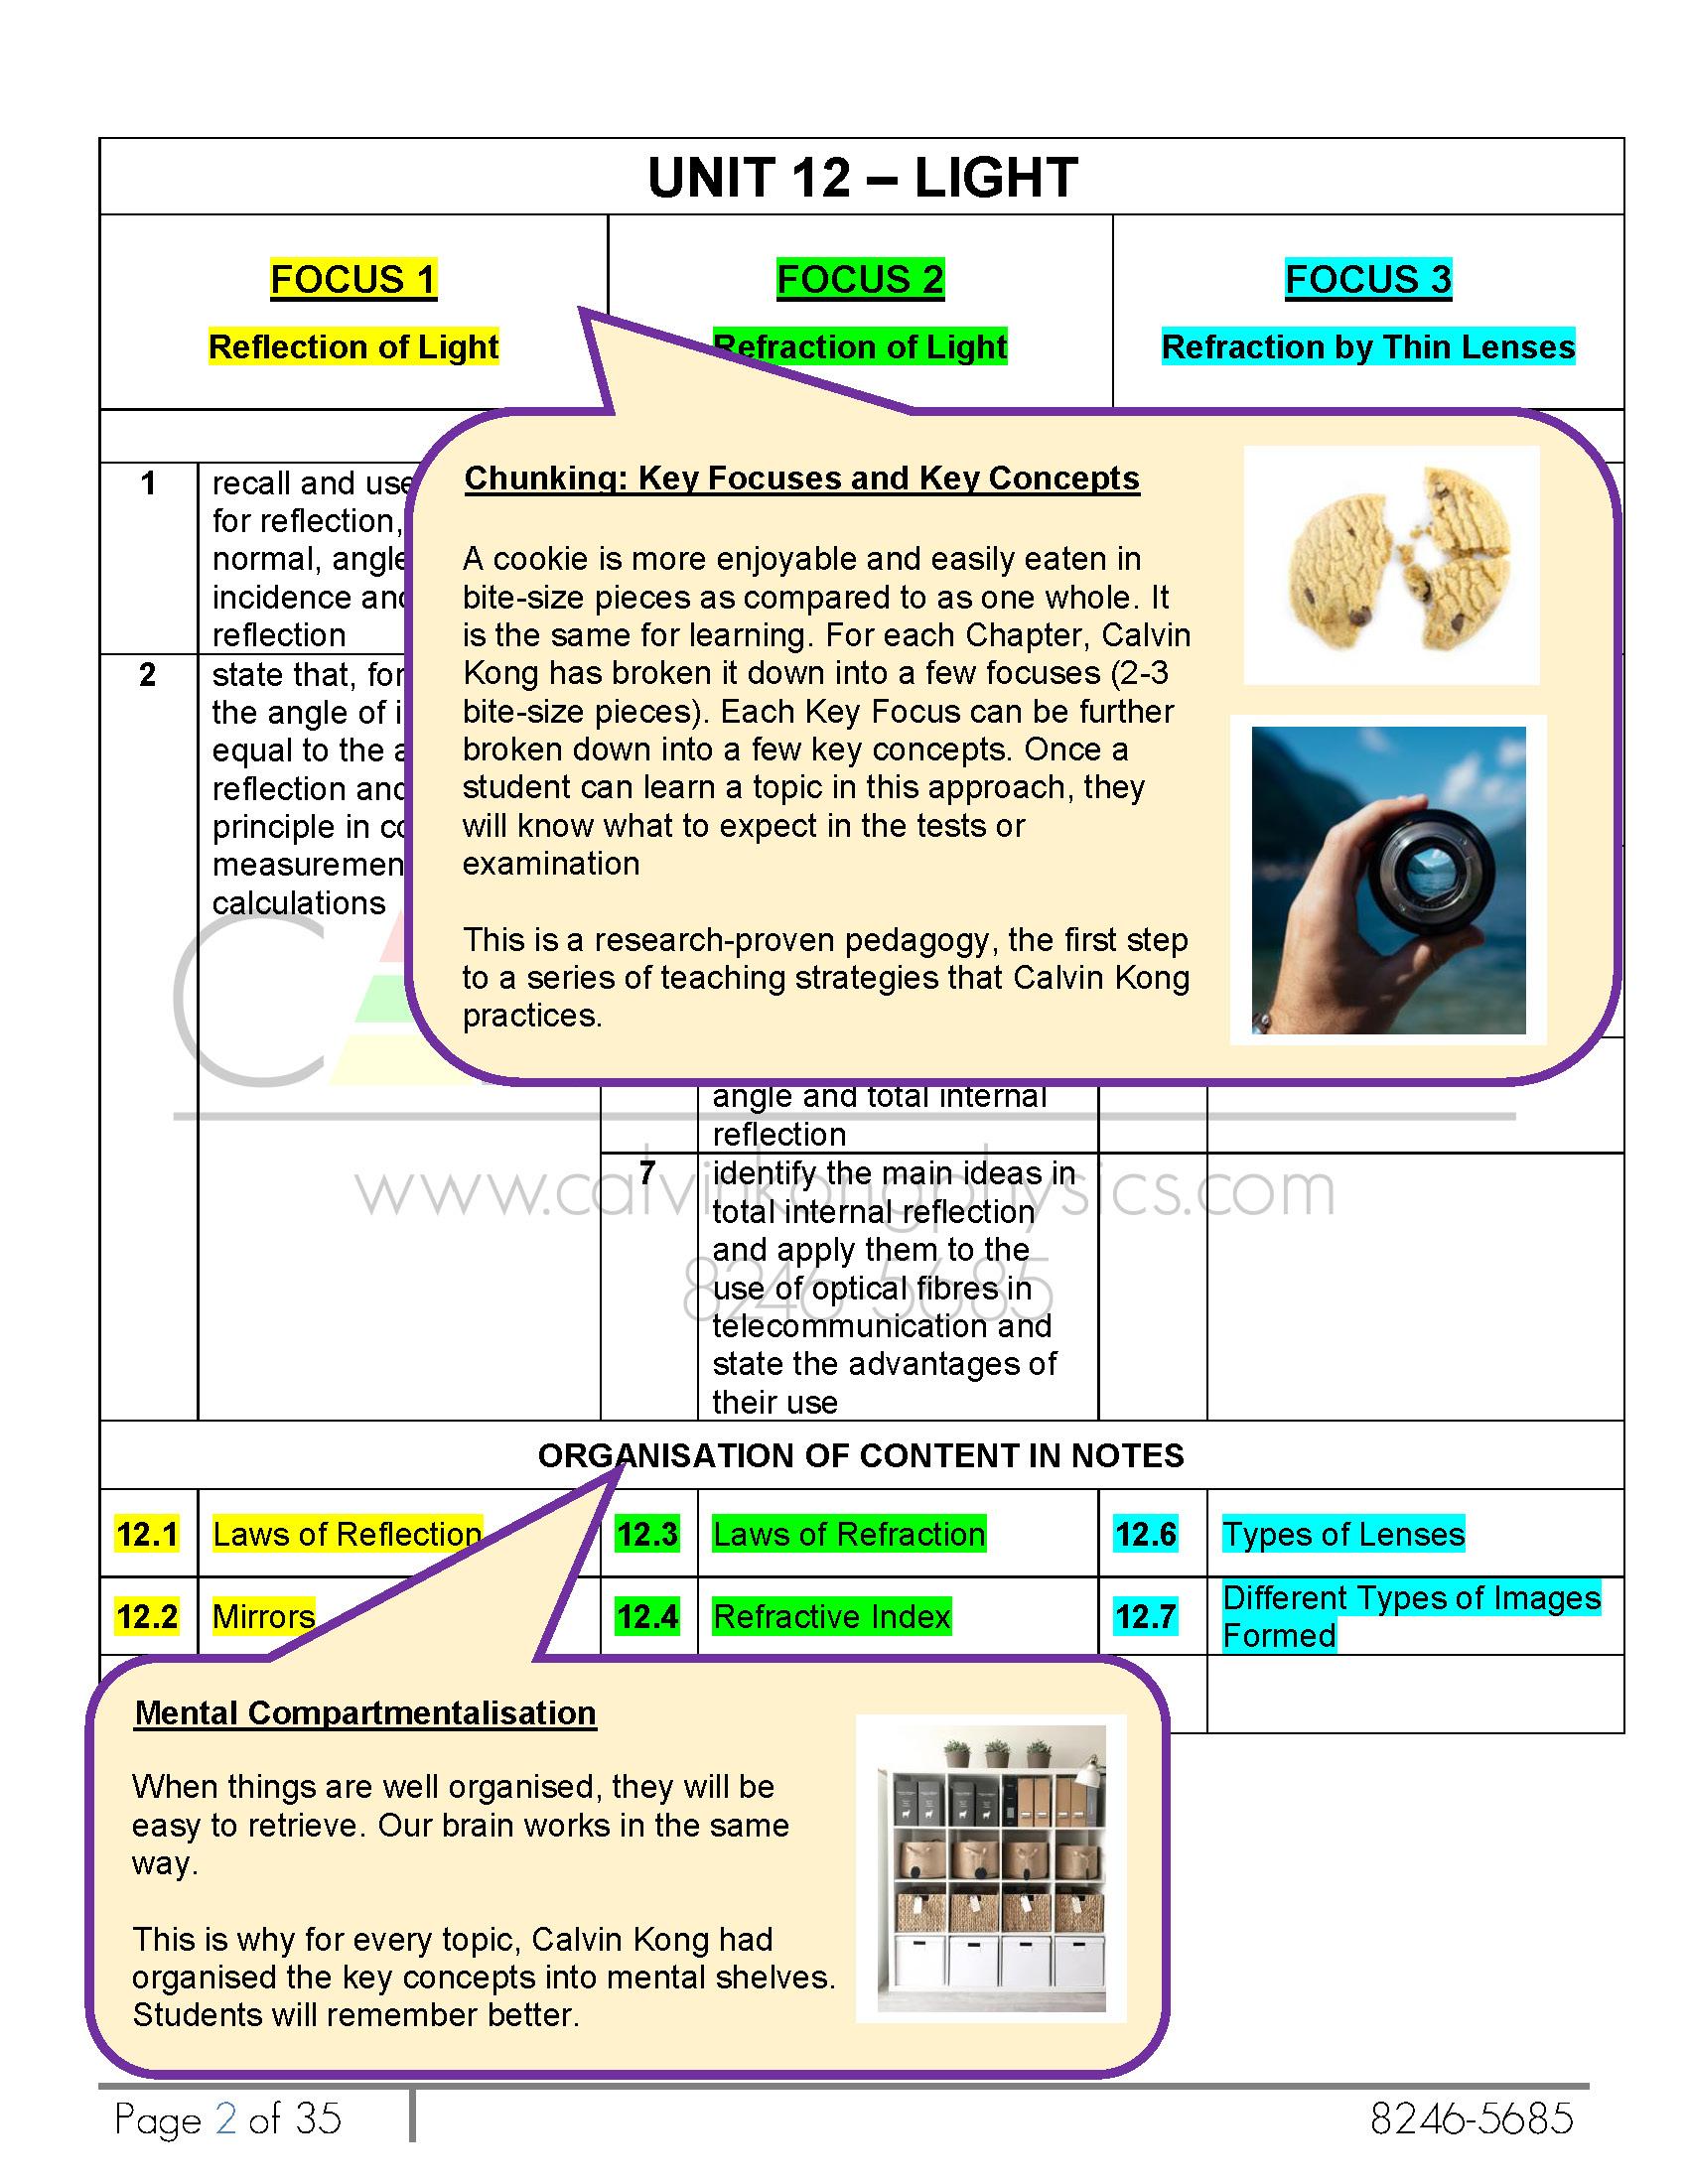 02. Unit 12 - Light_N v12 Sample_Page_2.jpg